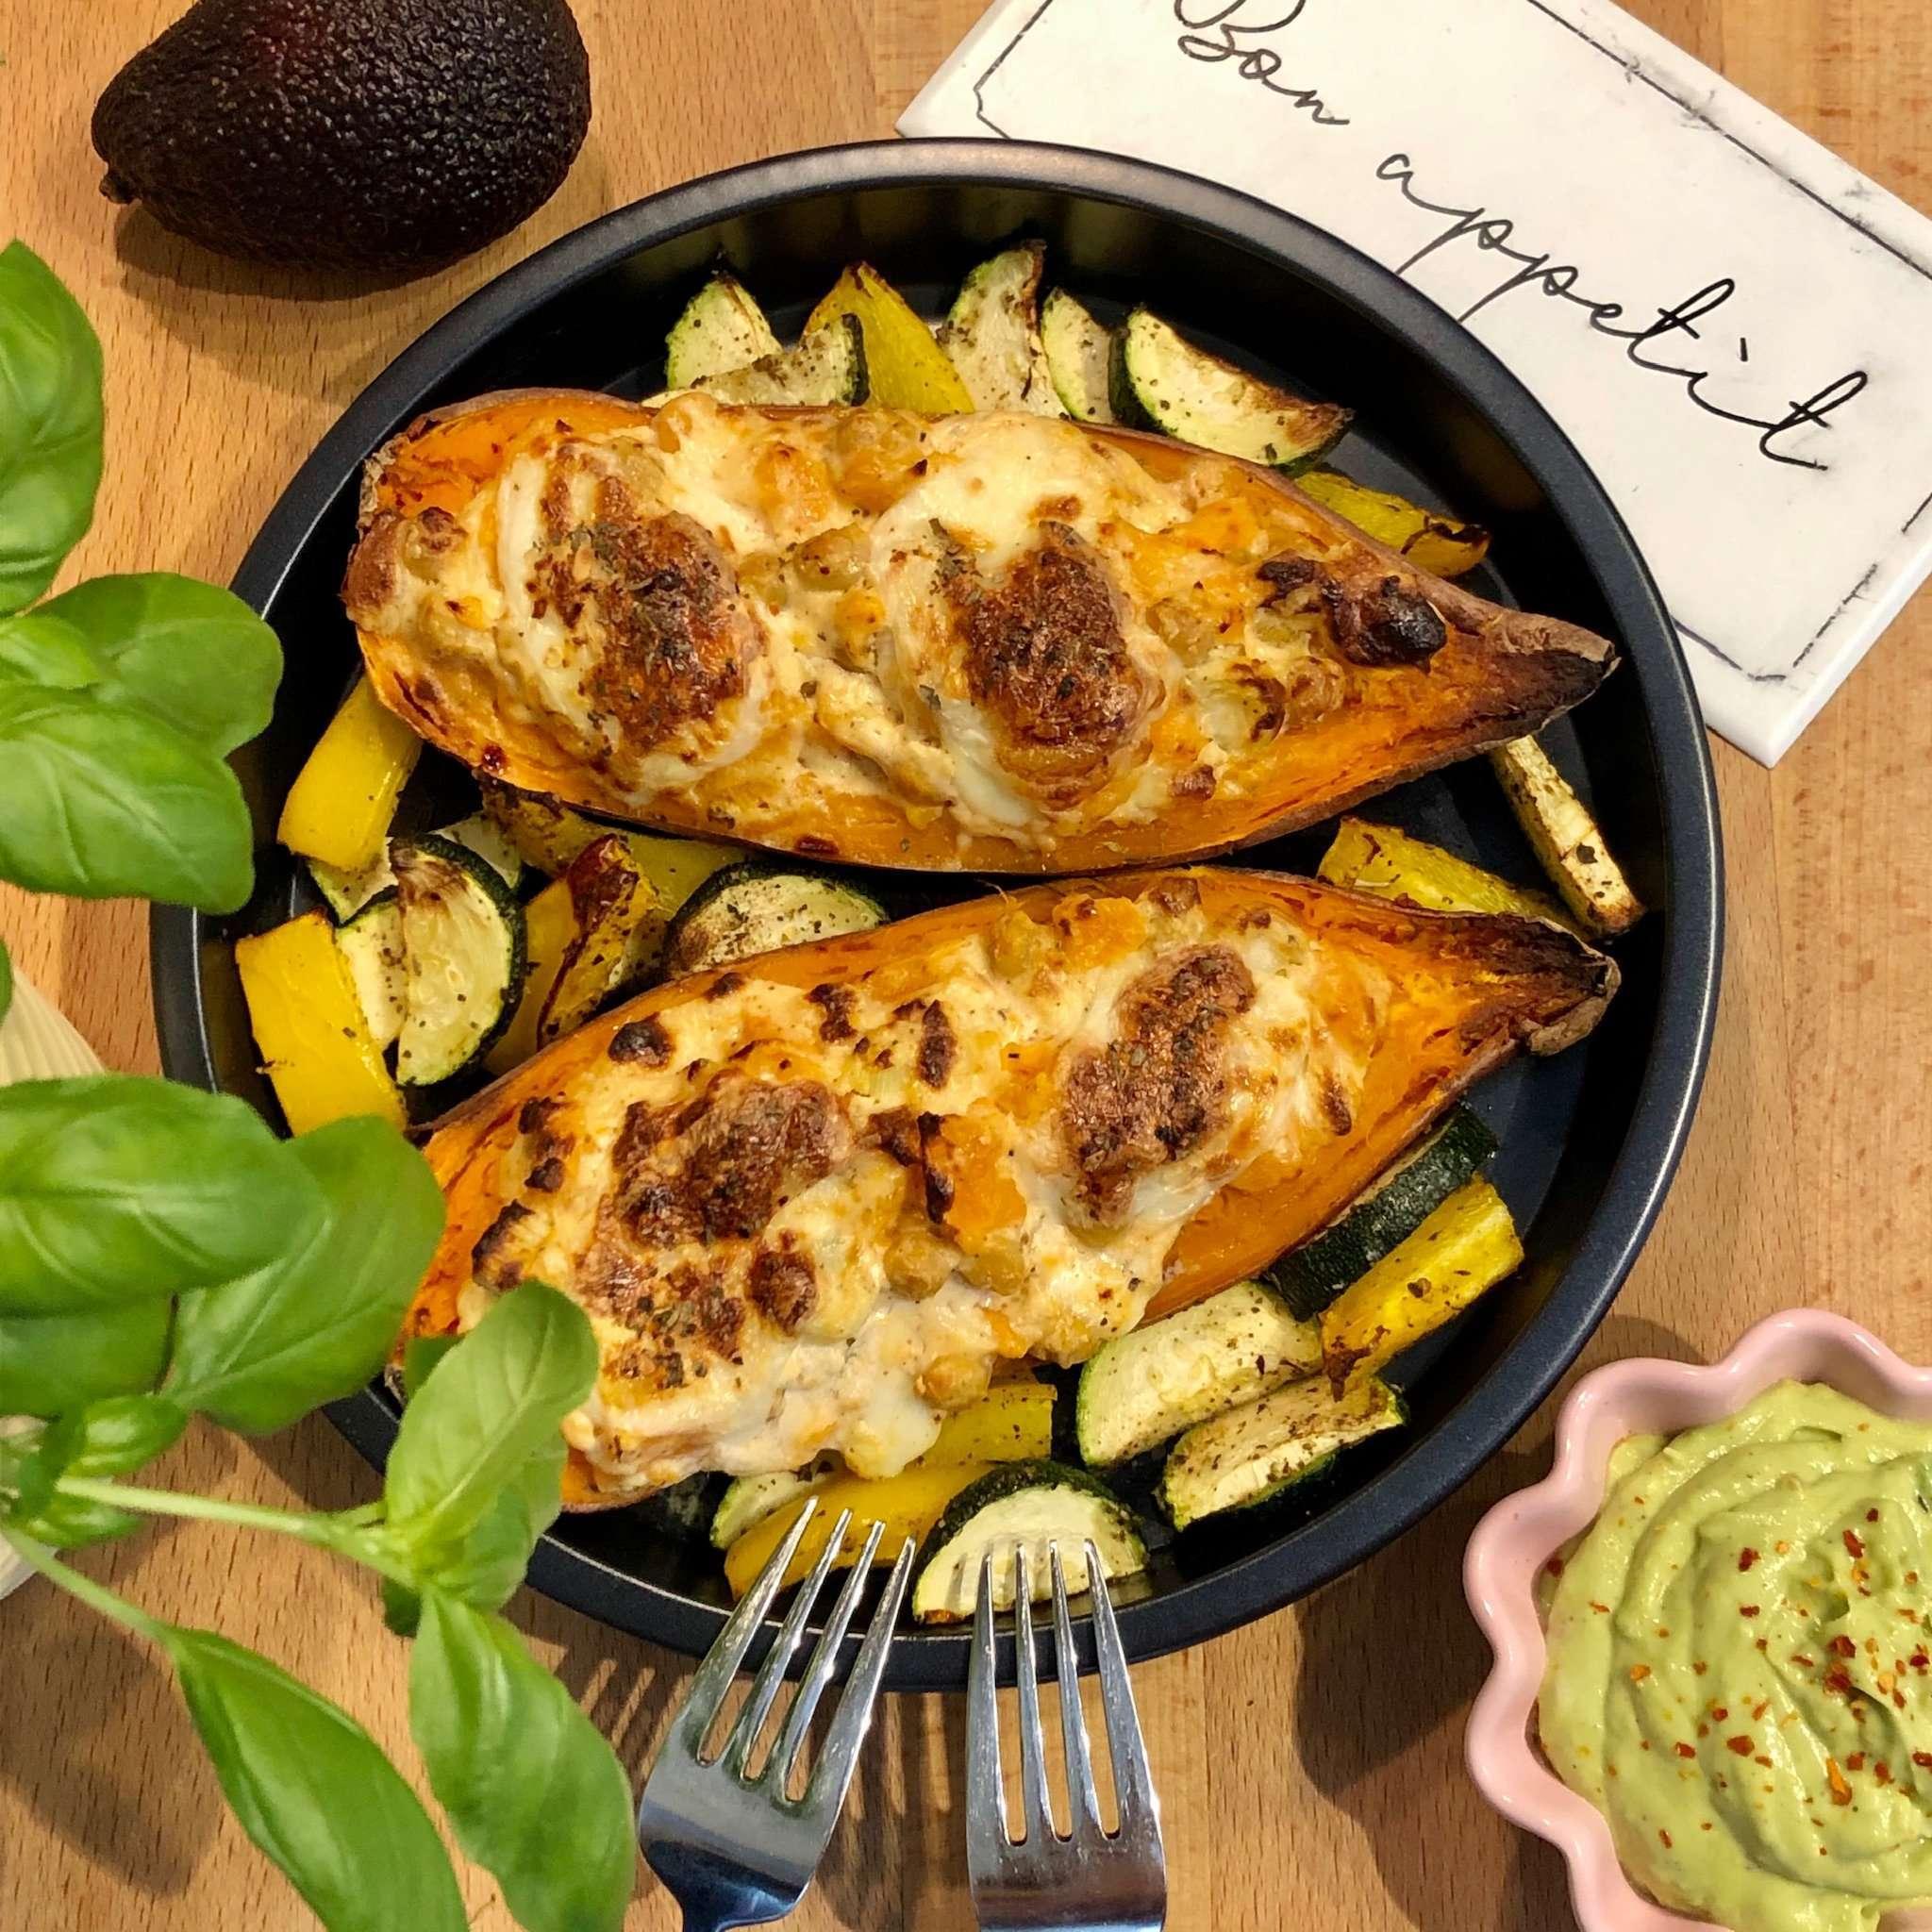 Gefüllte Süßkartoffeln aus der Heißluftfritteuse mit Grillgemüse & Guacamole